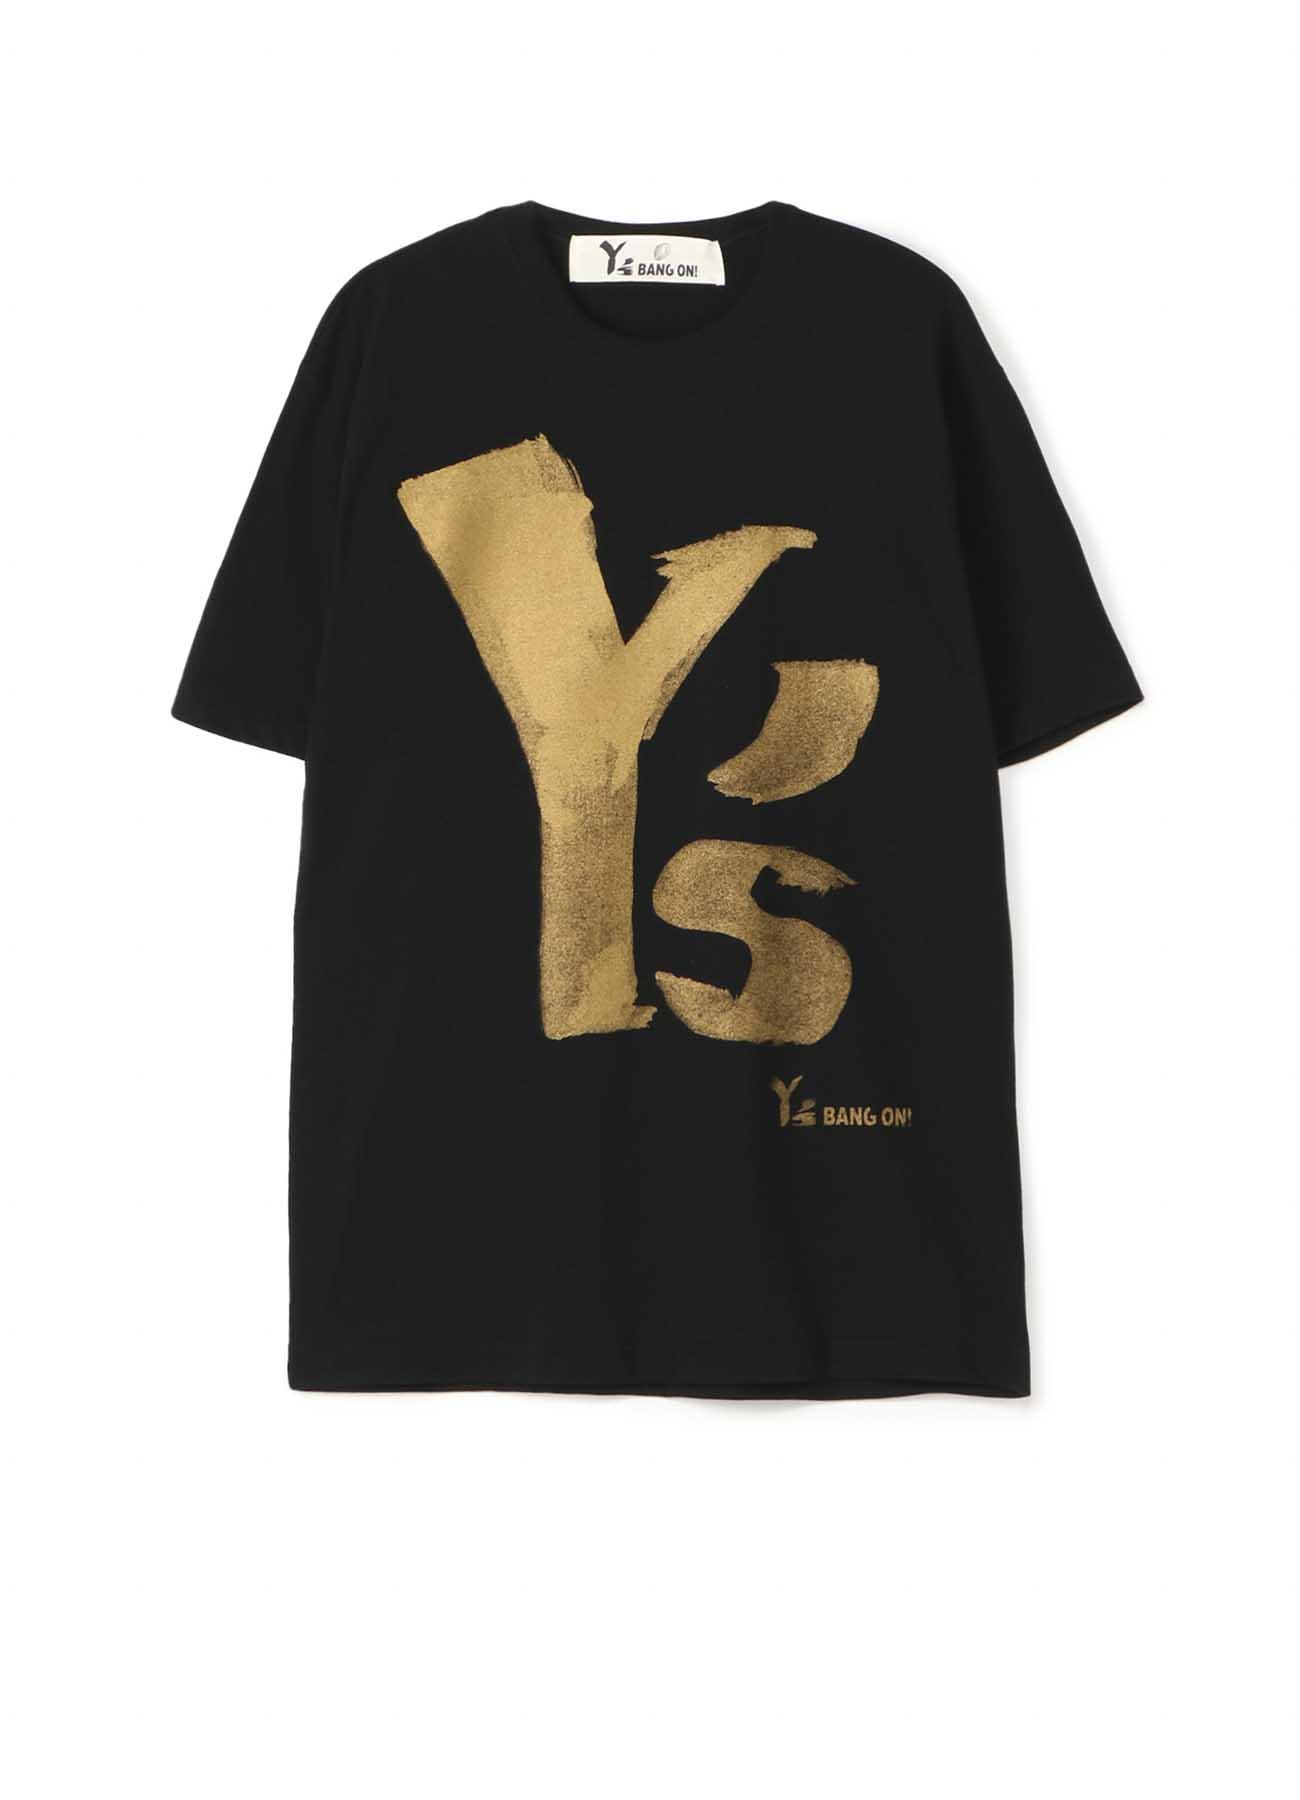 Y's BANG ON!デカロゴTシャツ ゴールド半袖